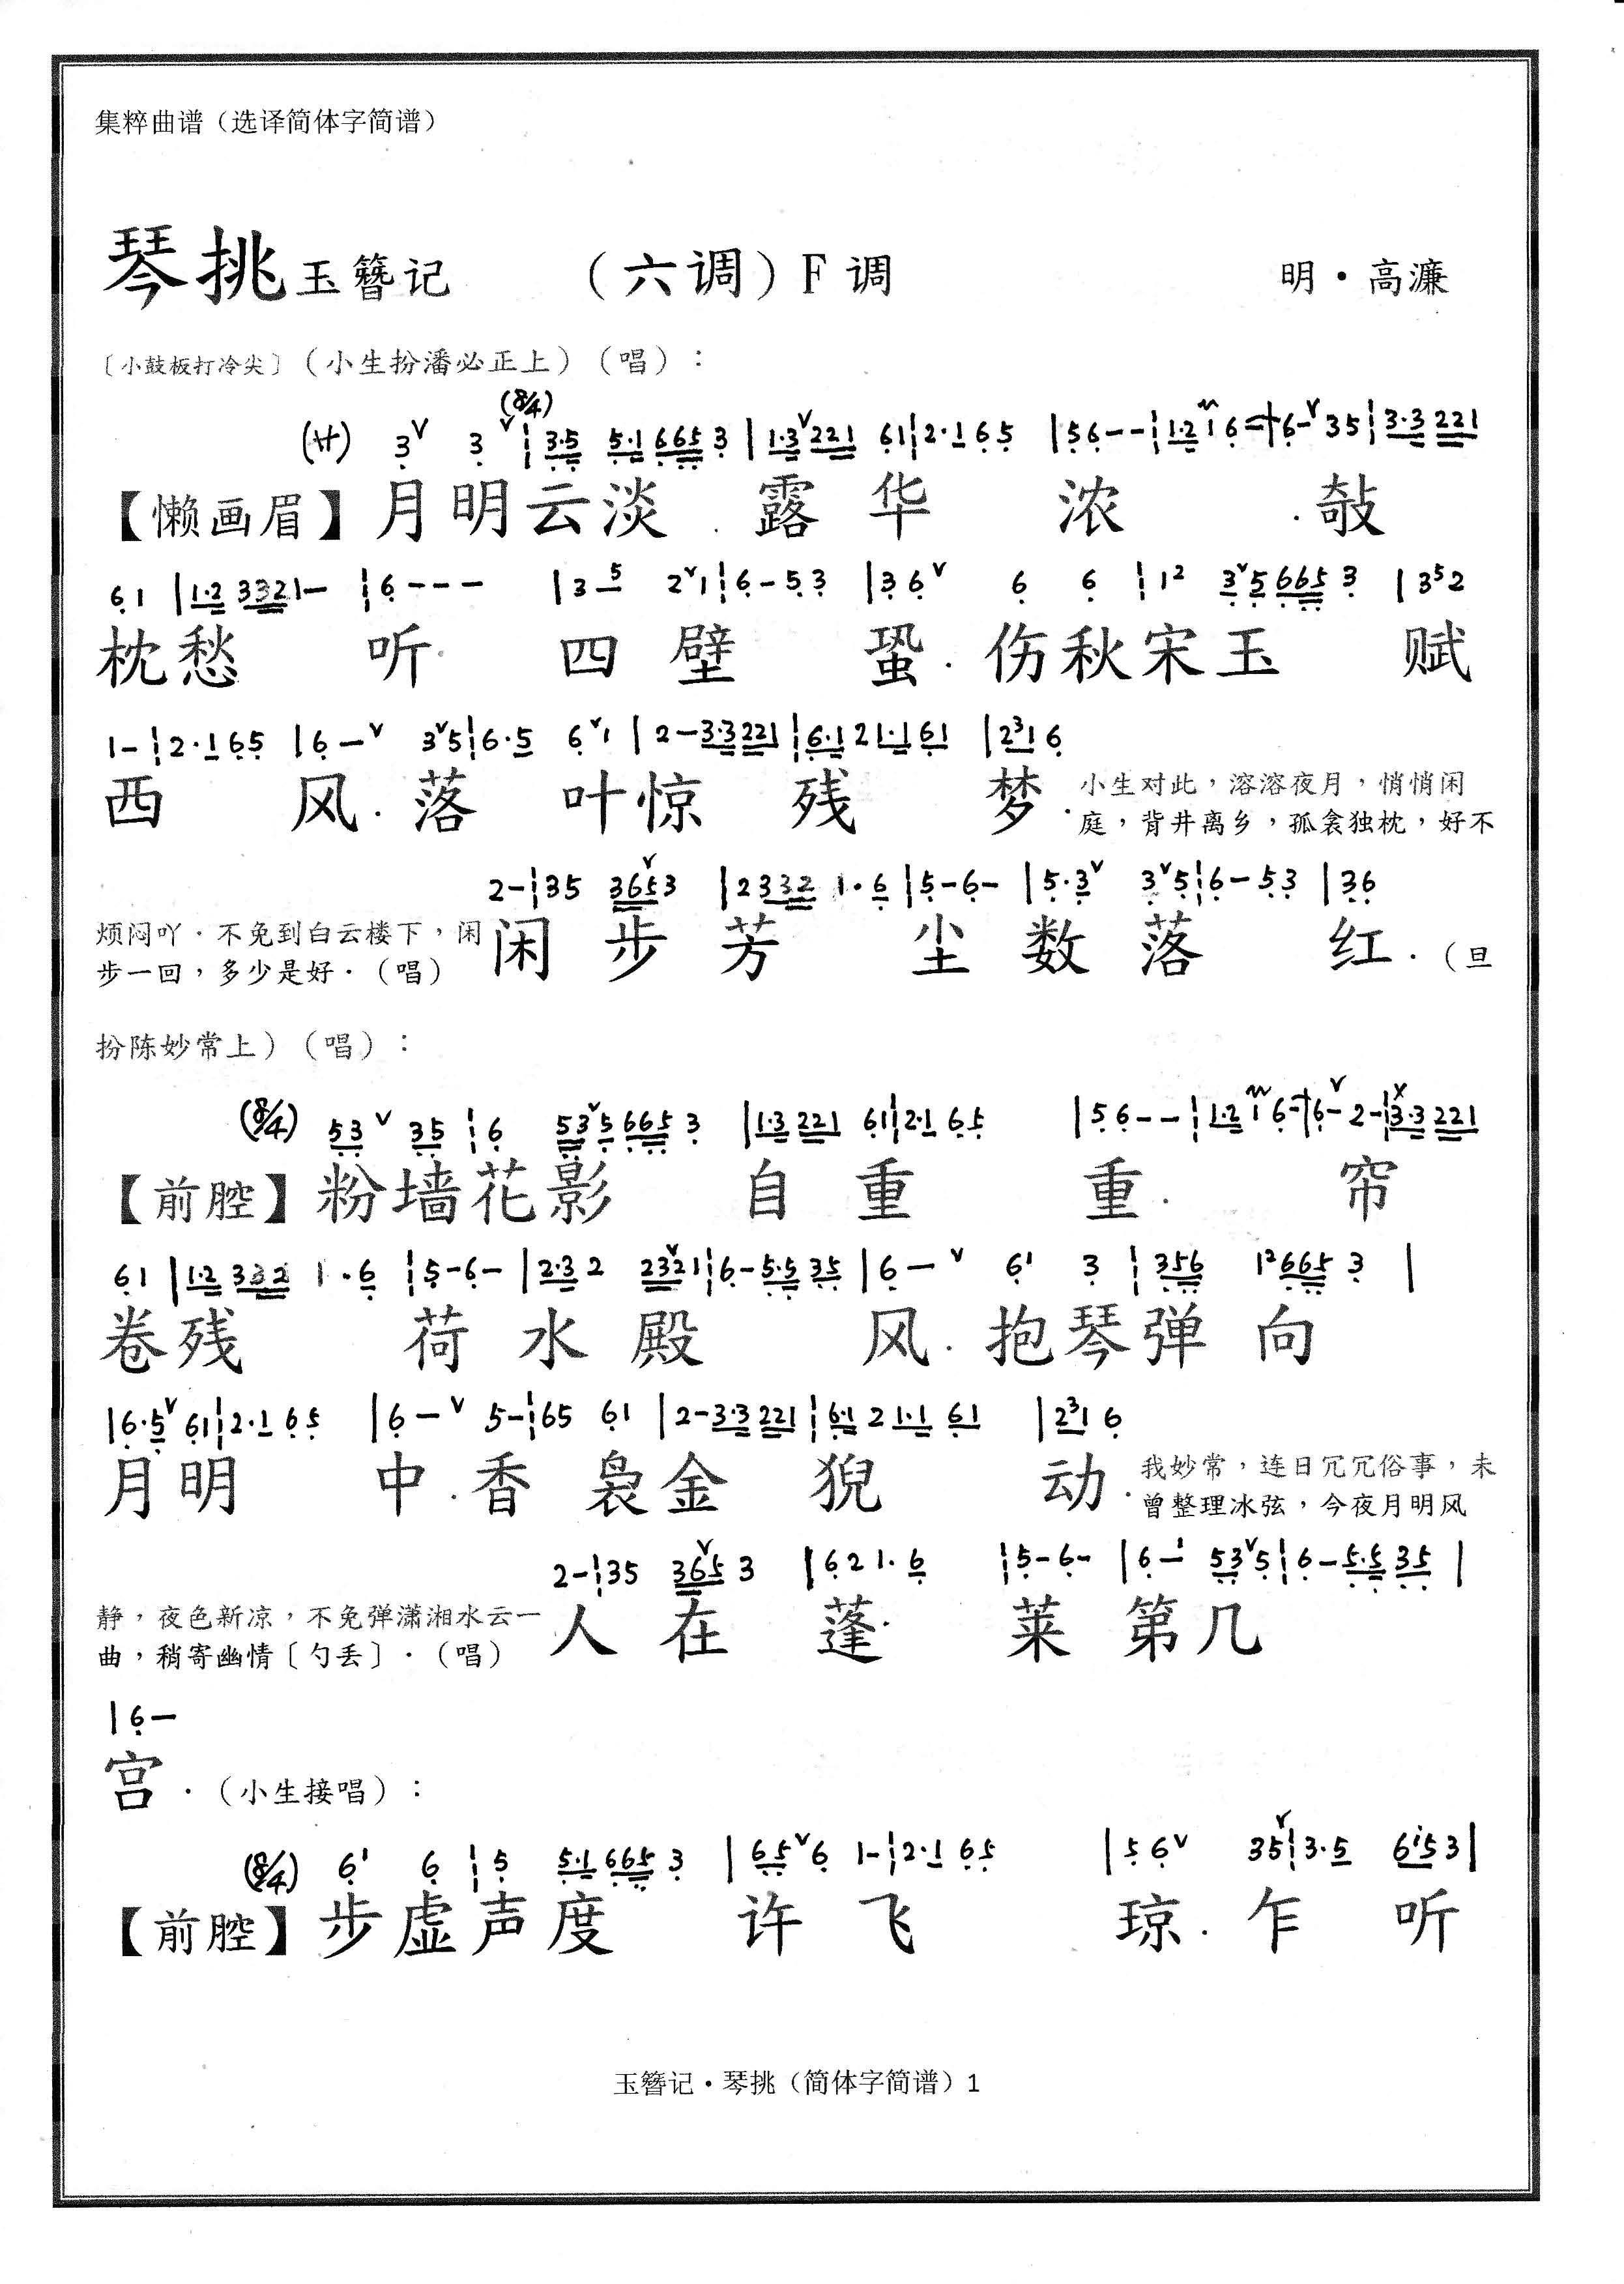 (崑曲)集粹曲譜: 琴挑(玉簪記)(含簡譜) | 集粹曲譜